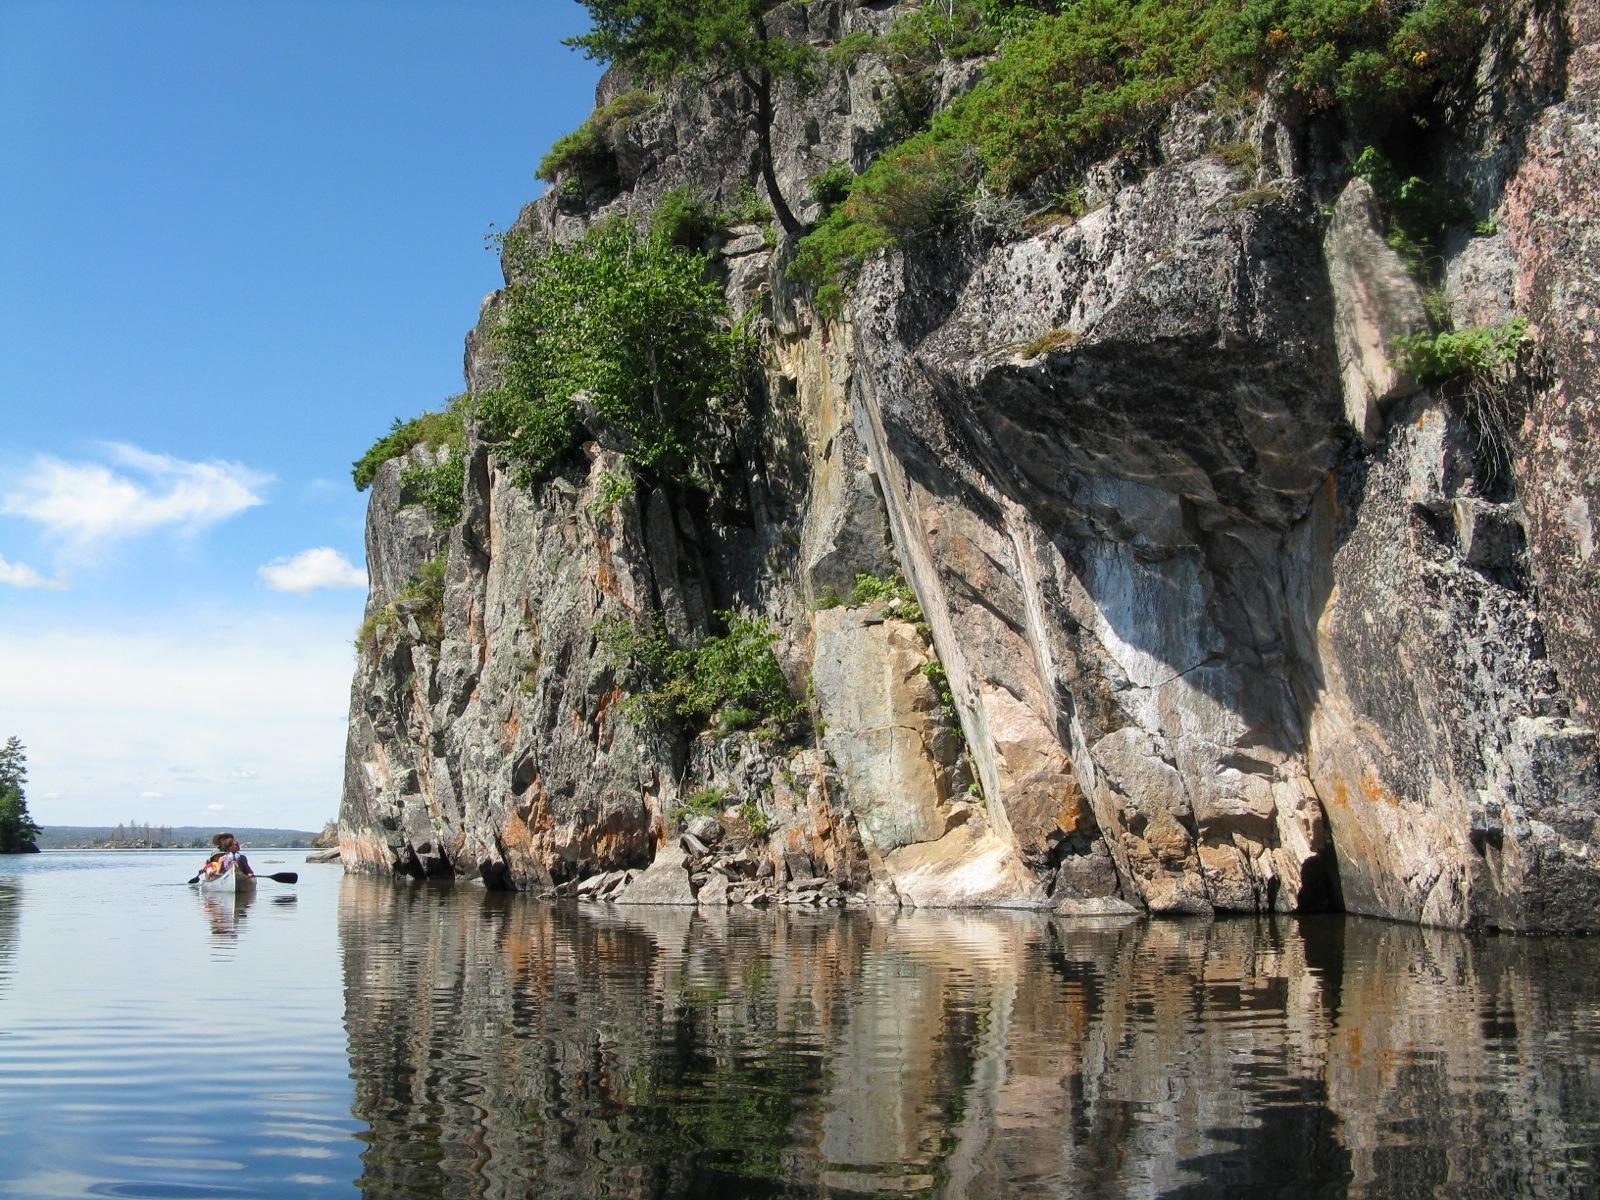 big rock and canoe